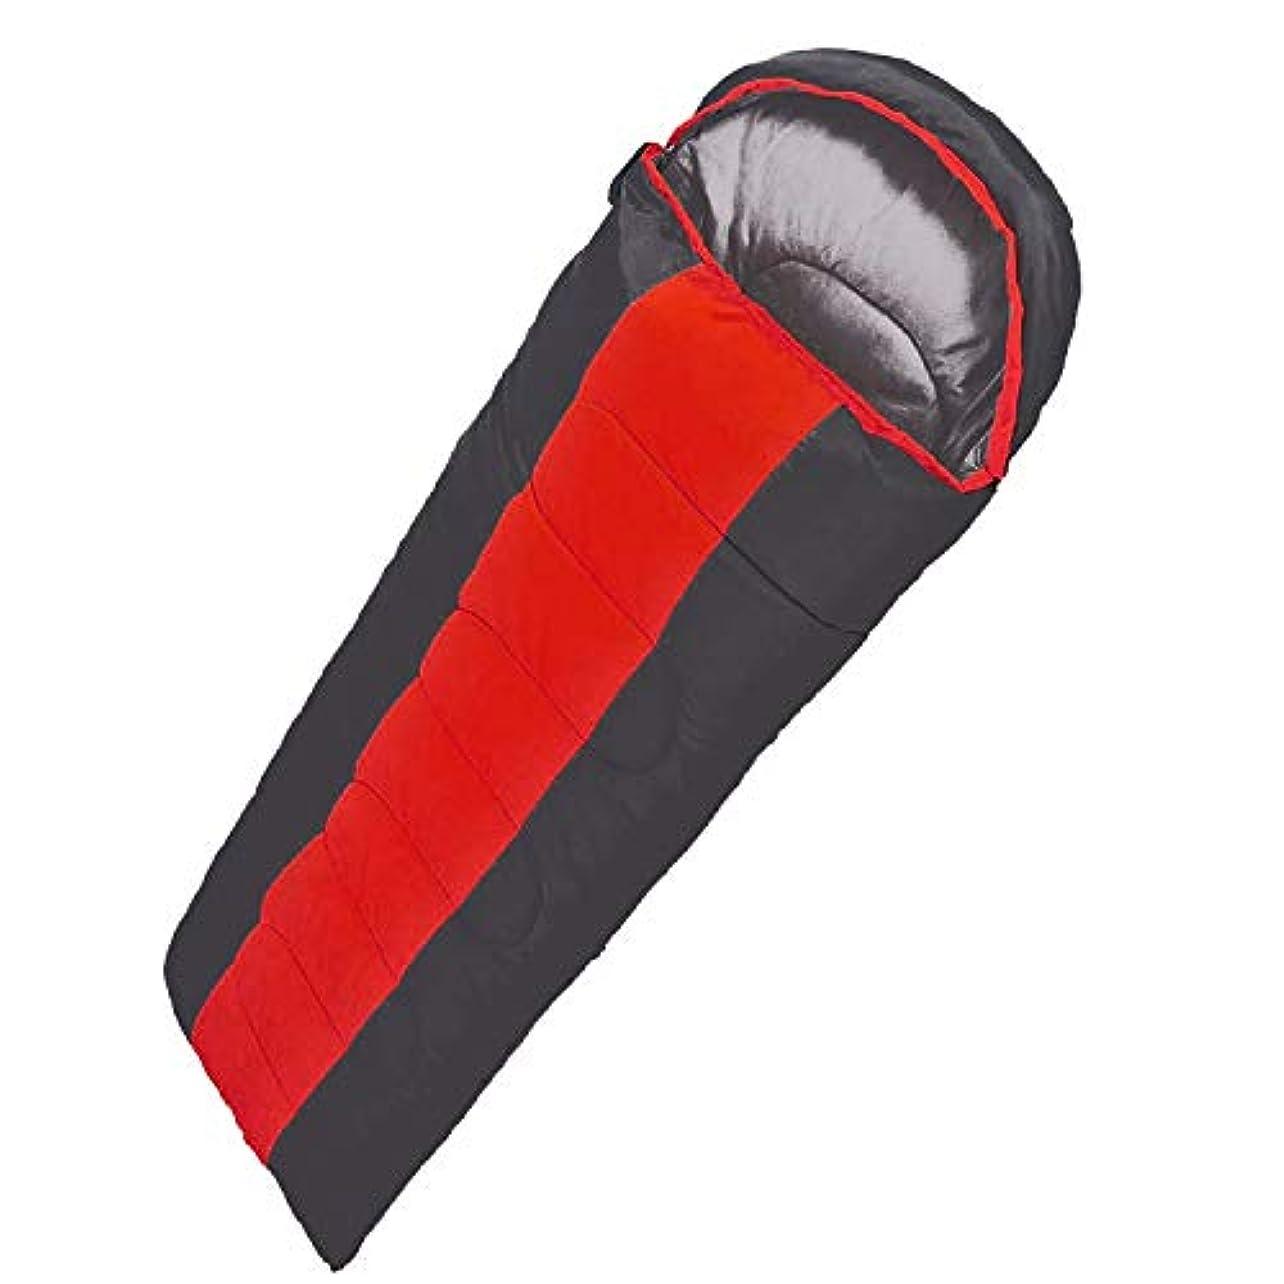 者座る昼間MERMONT 寝袋 シュラフ 封筒型 洗える寝袋 耐寒温度-6℃ (レッド)